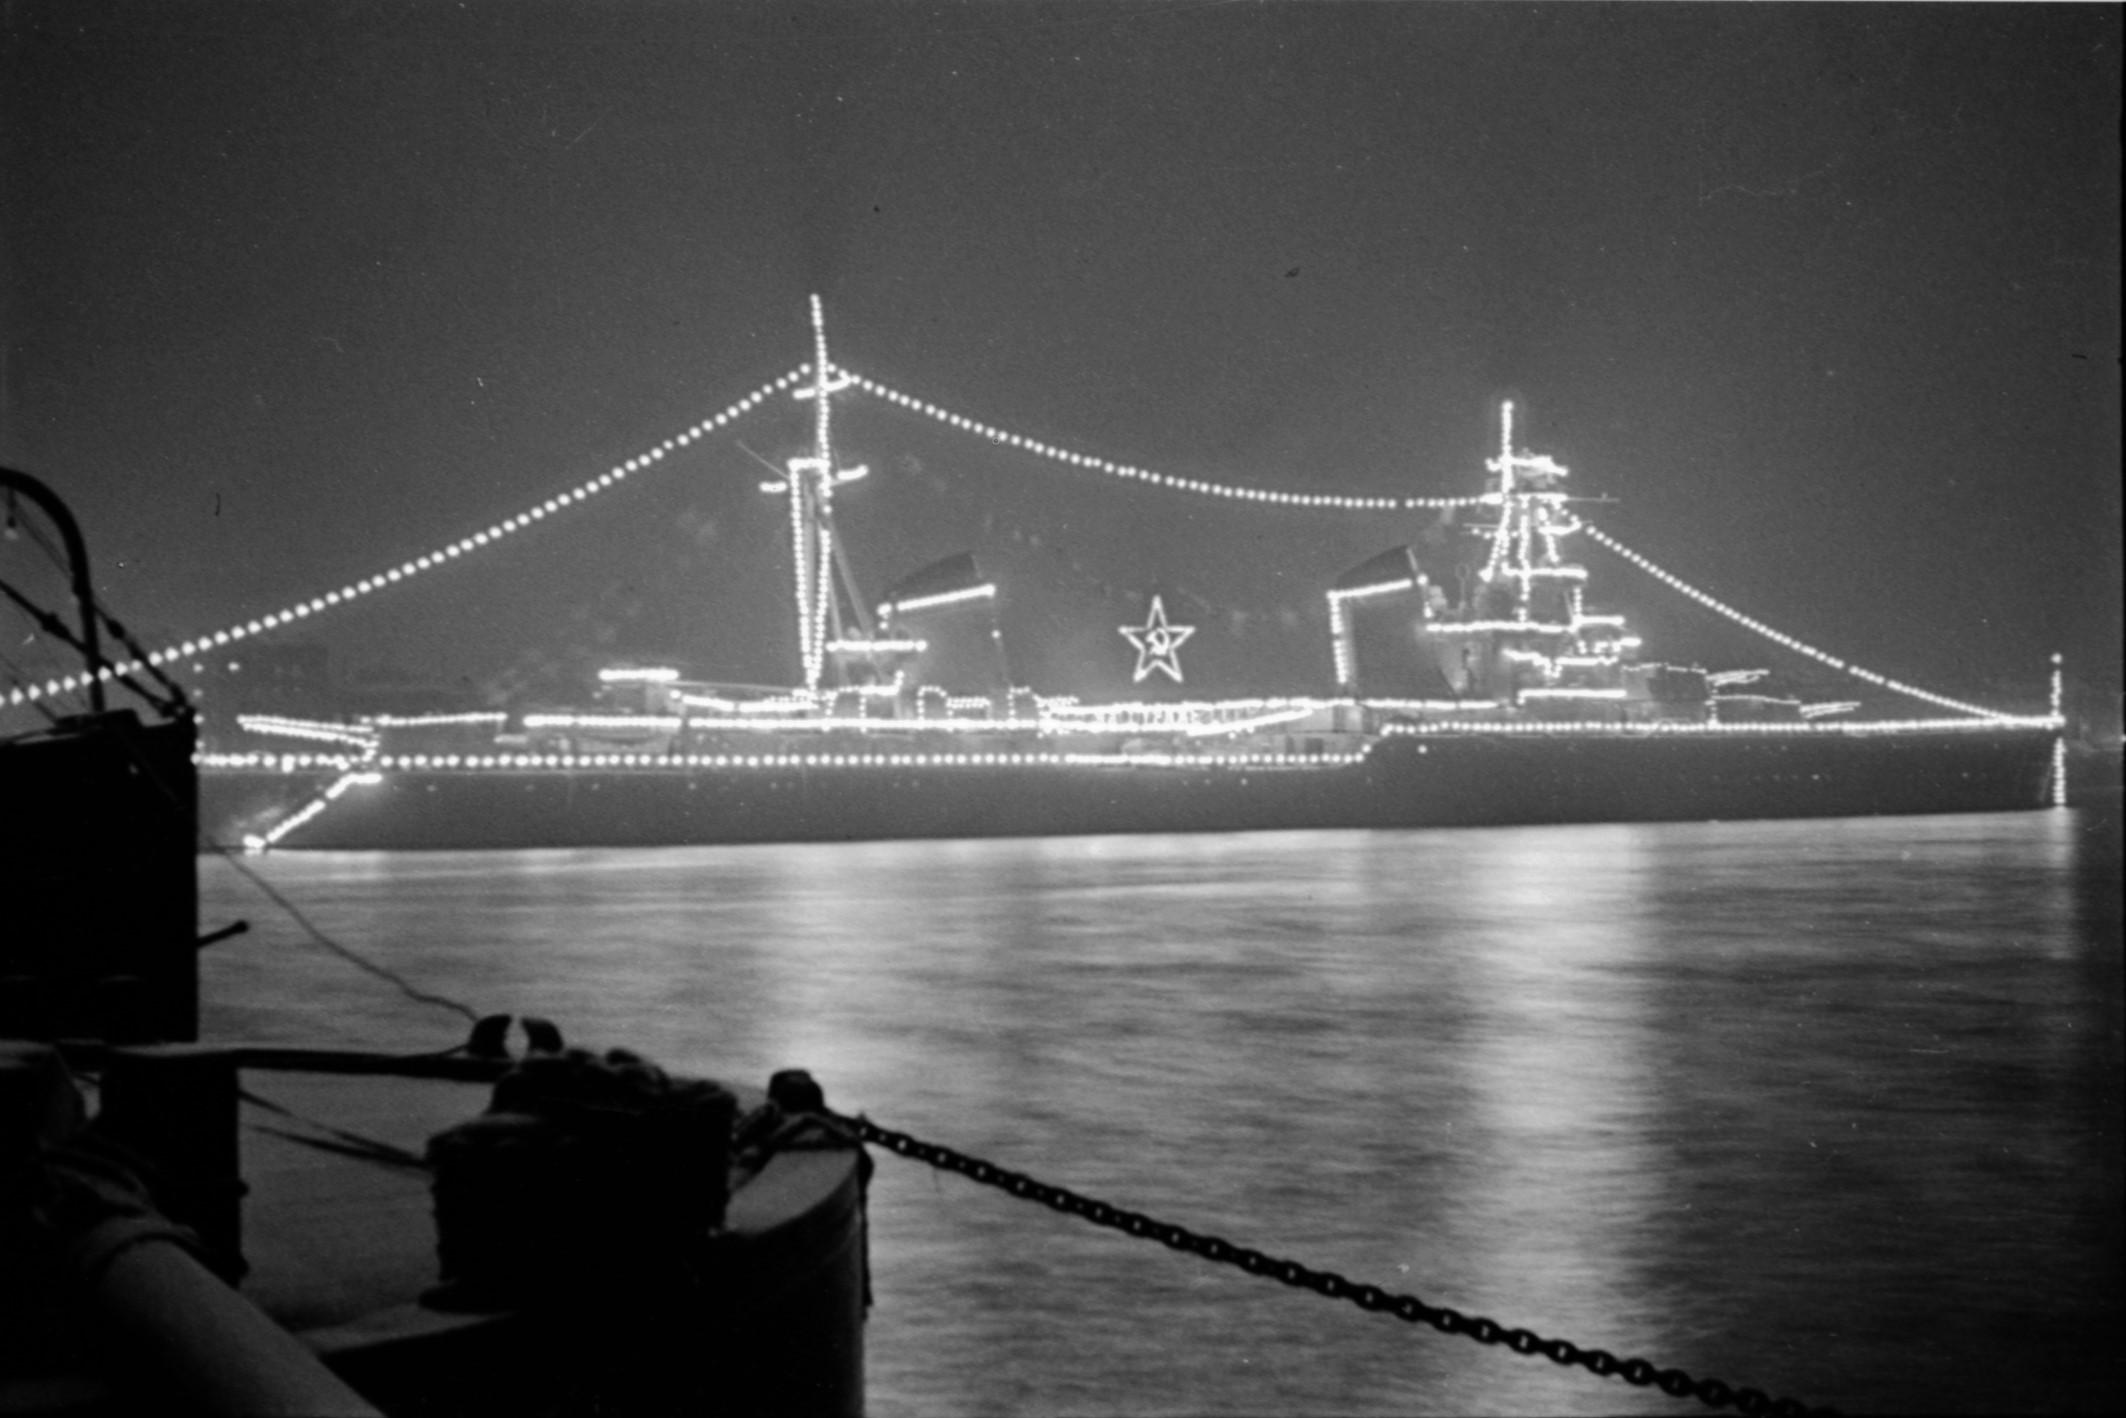 Киров на реке Неве, 1954